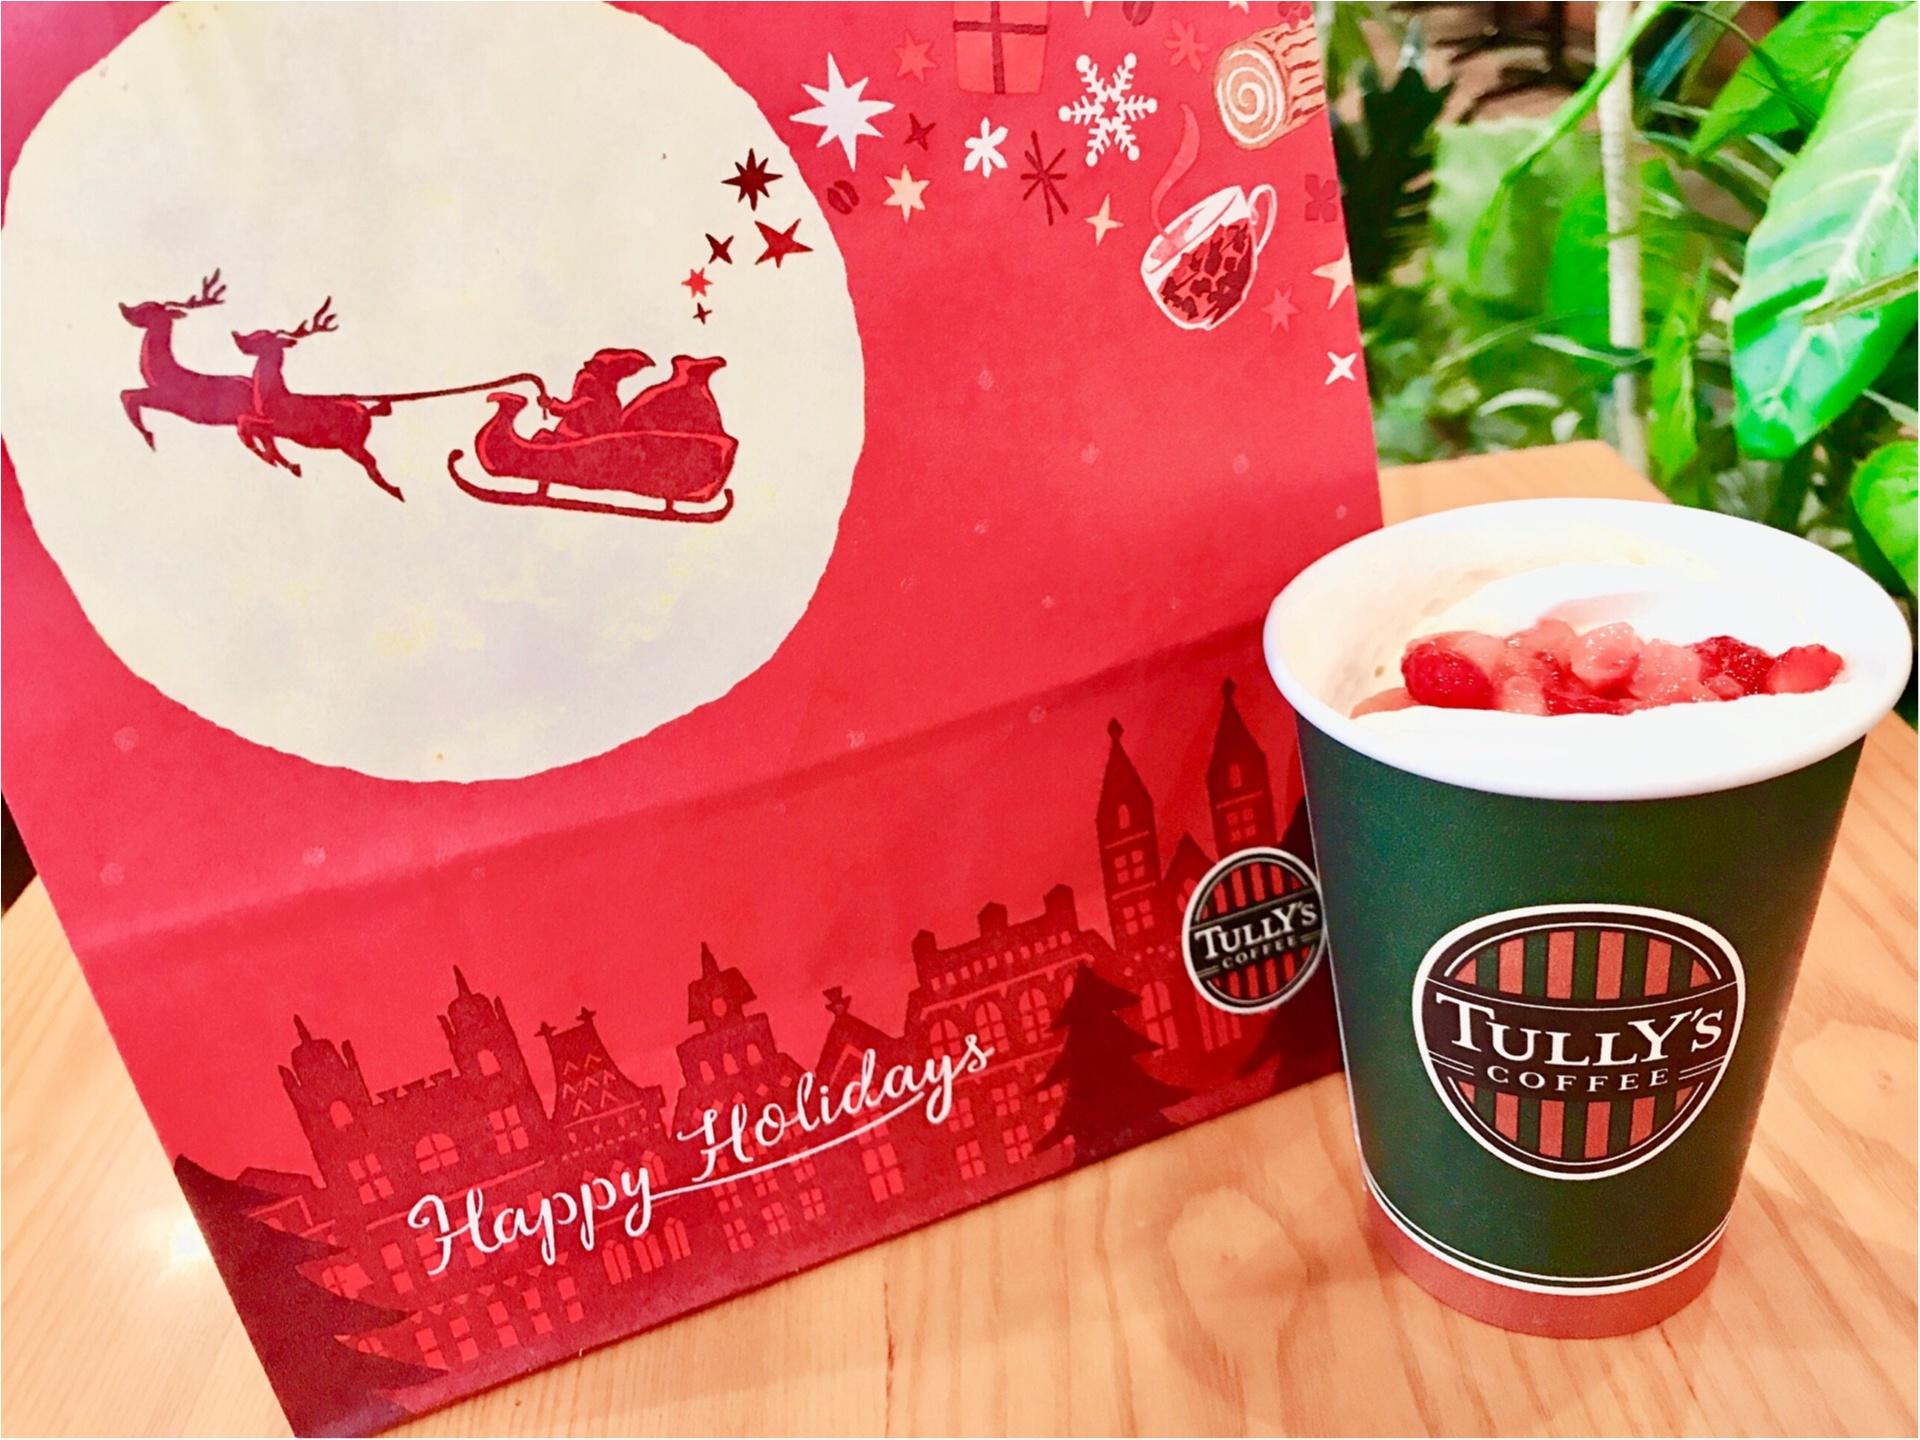 【タリーズ】本日発売!まるで苺のショートケーキ❤︎《ストロベリーミルクティー》でクリスマス気分♡_6